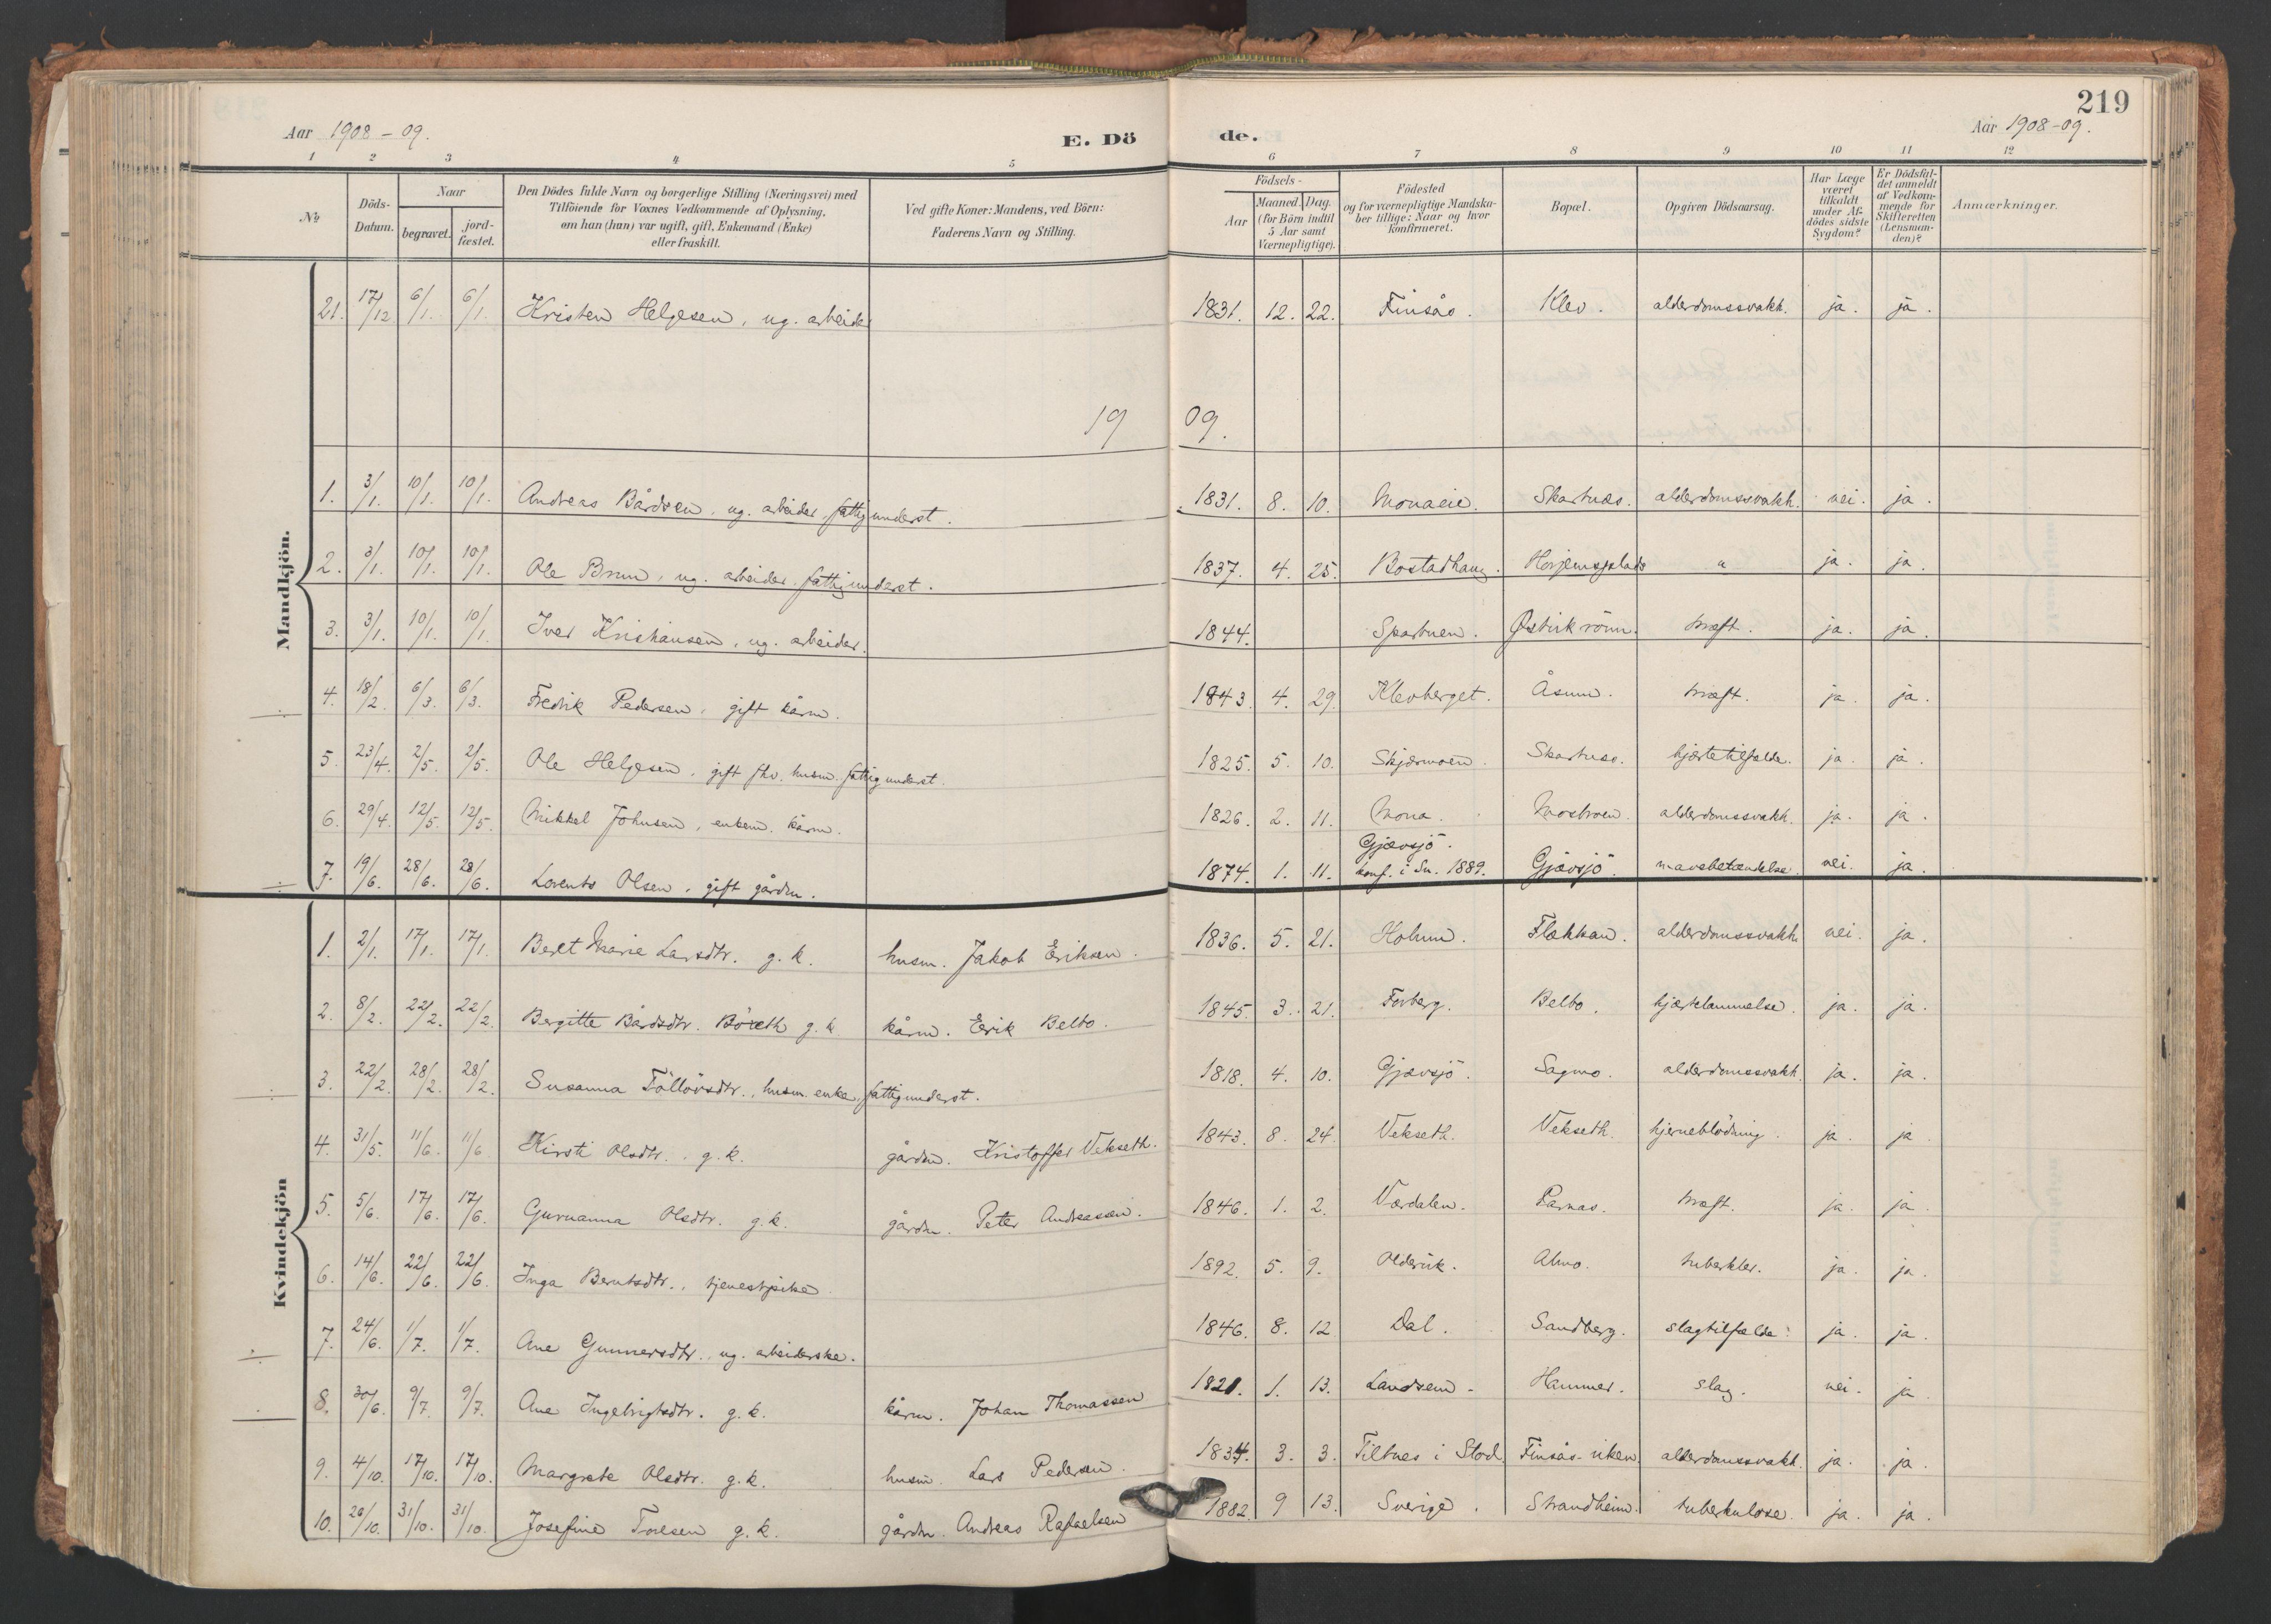 SAT, Ministerialprotokoller, klokkerbøker og fødselsregistre - Nord-Trøndelag, 749/L0477: Ministerialbok nr. 749A11, 1902-1927, s. 219